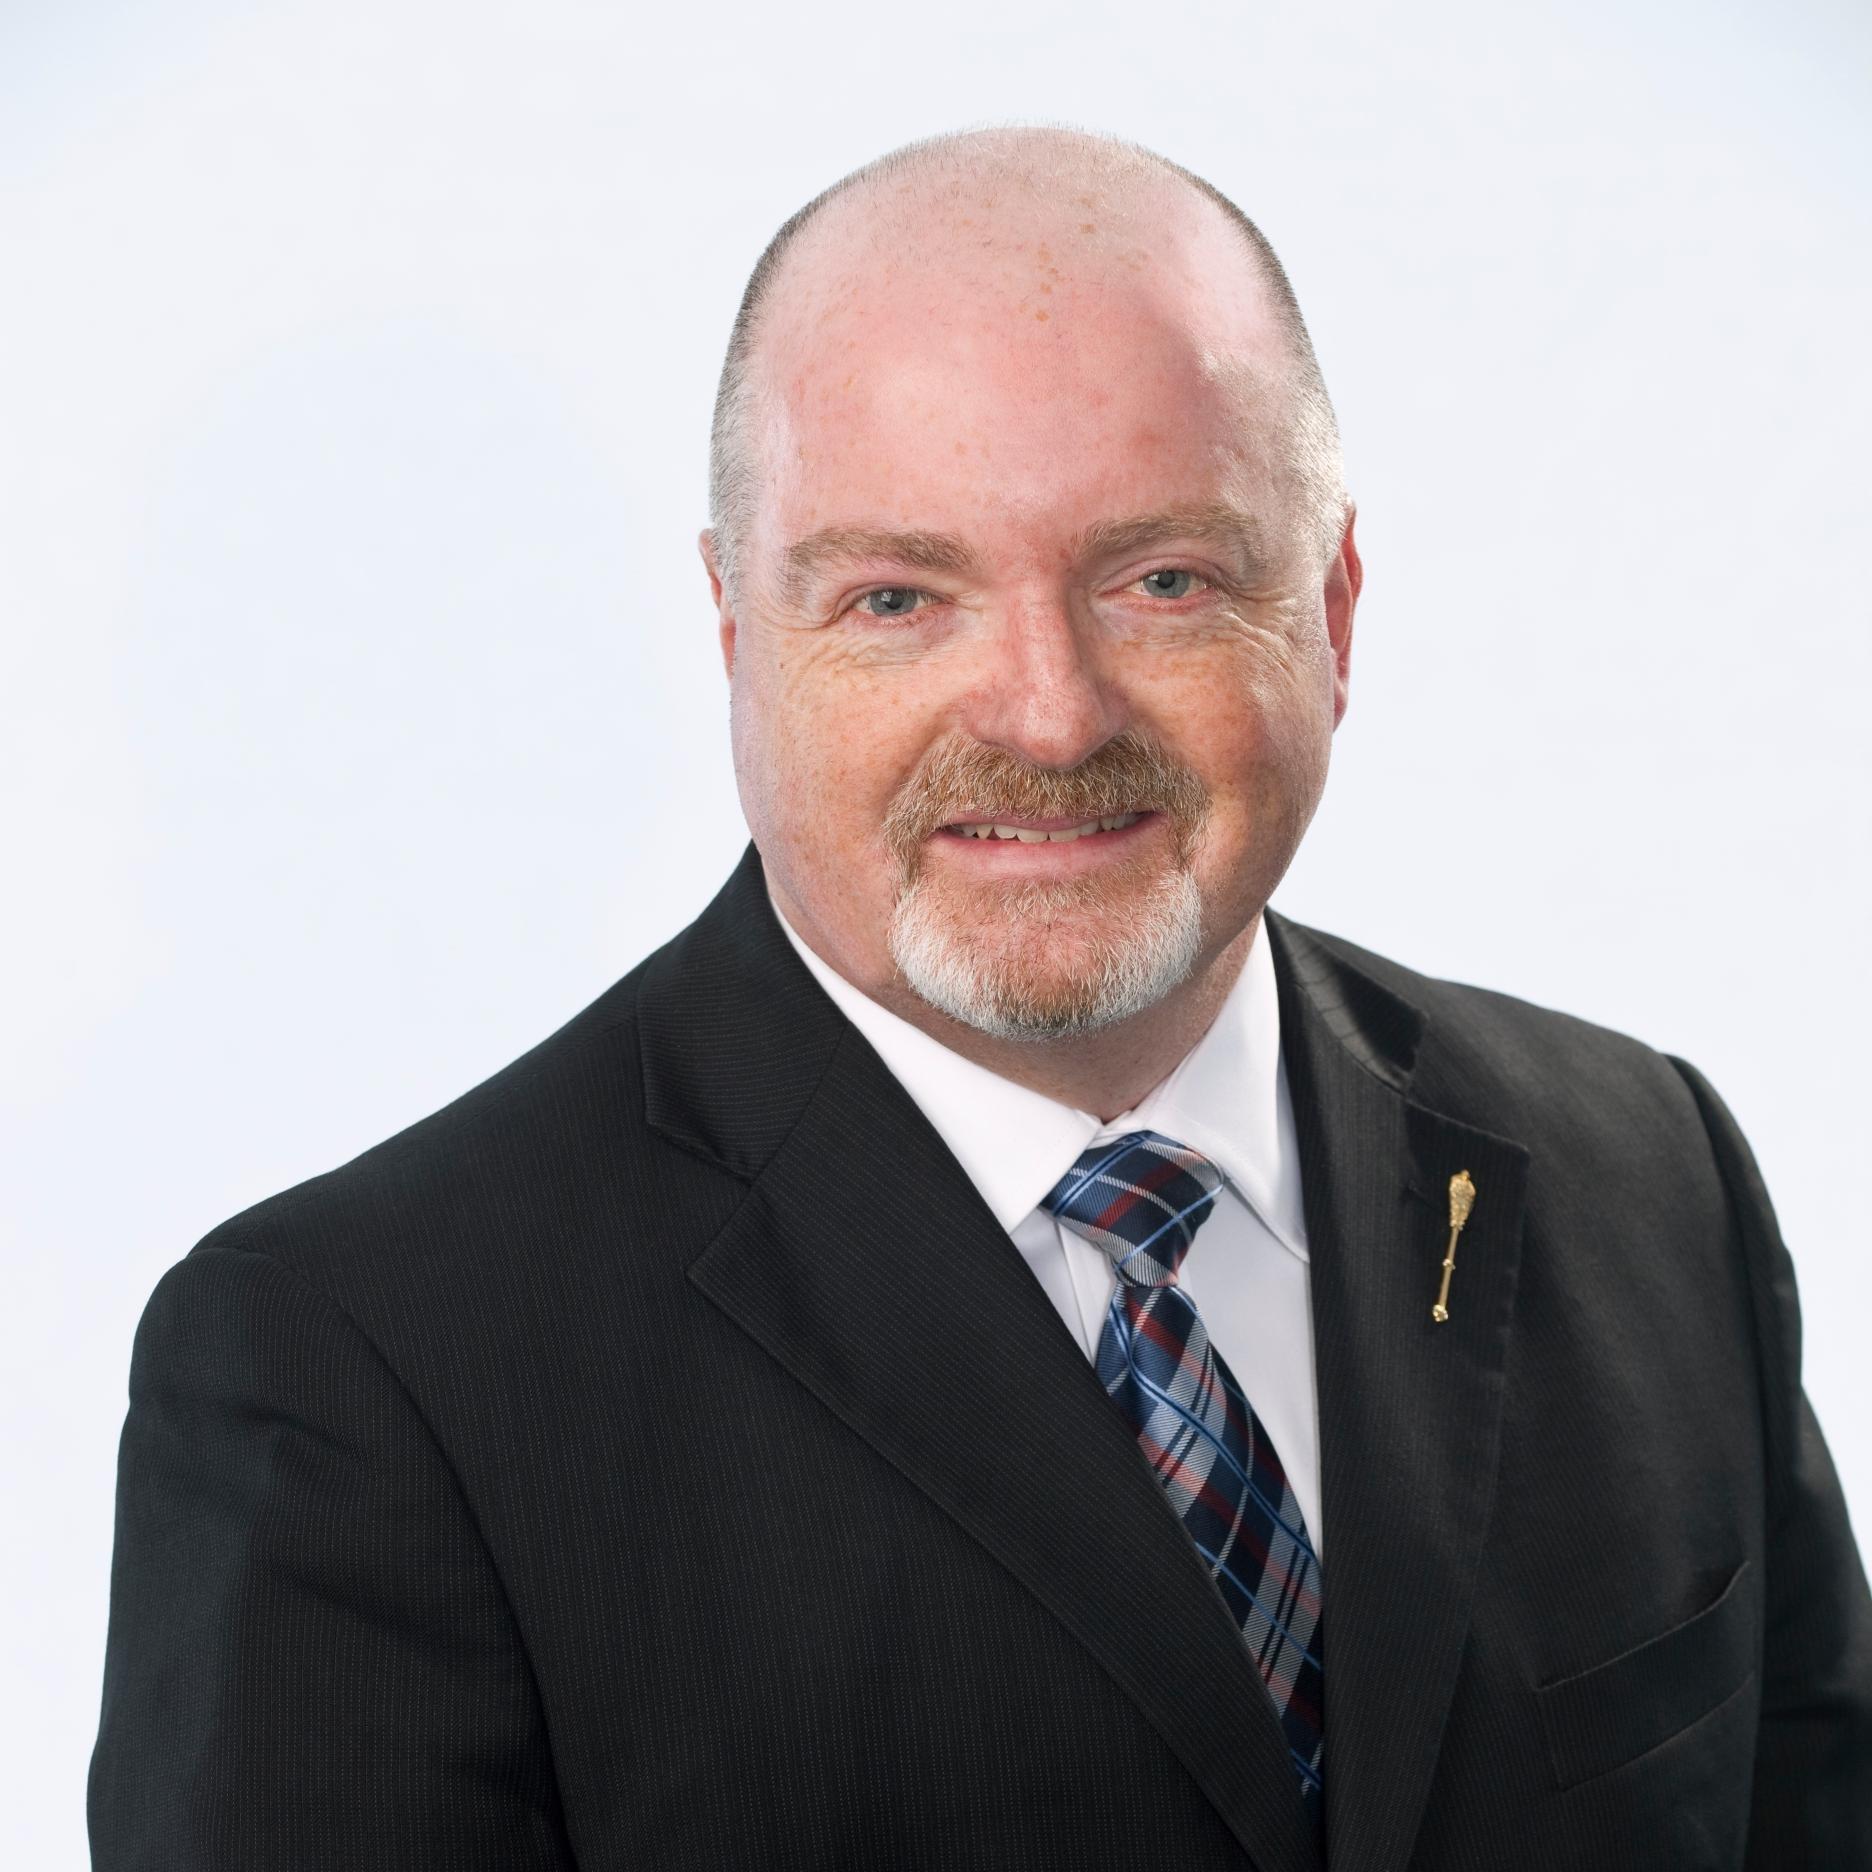 Bruce Fitch